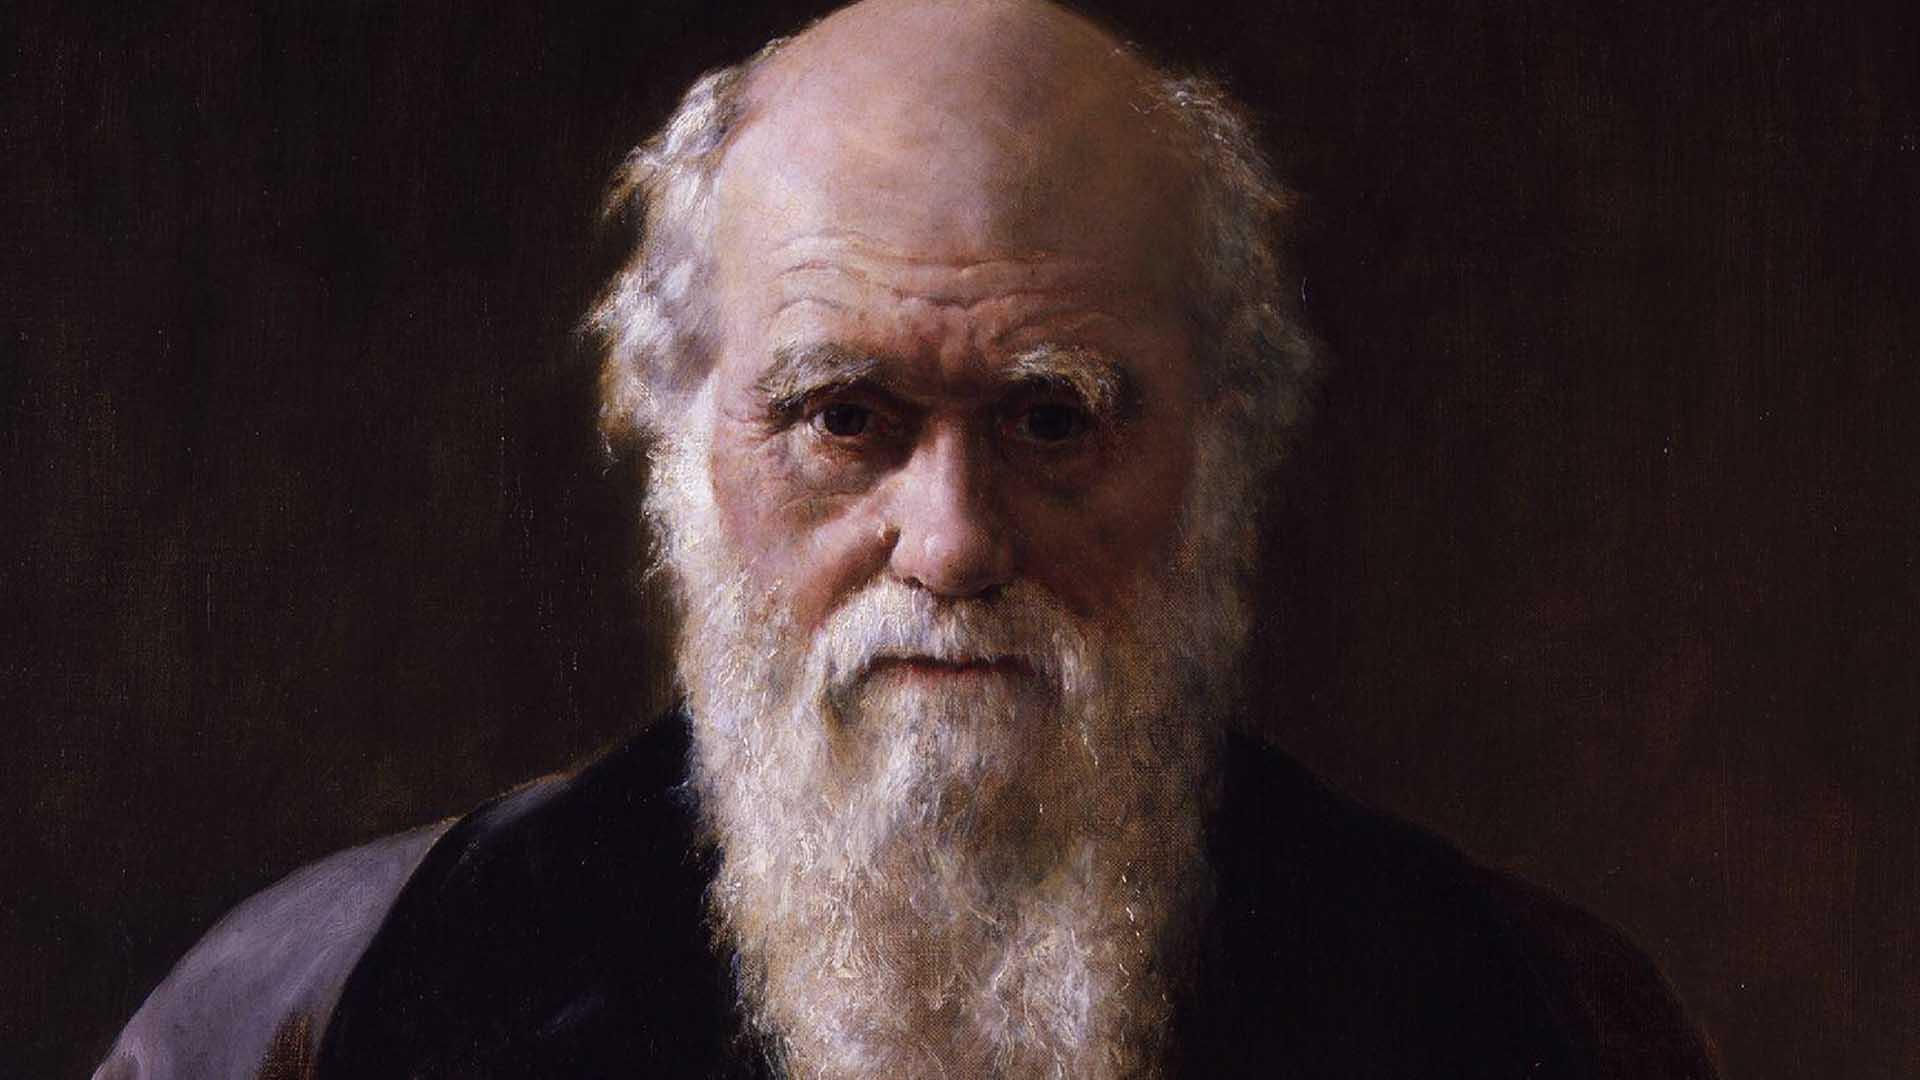 La battaglia di Charles Darwin contro il razzismo